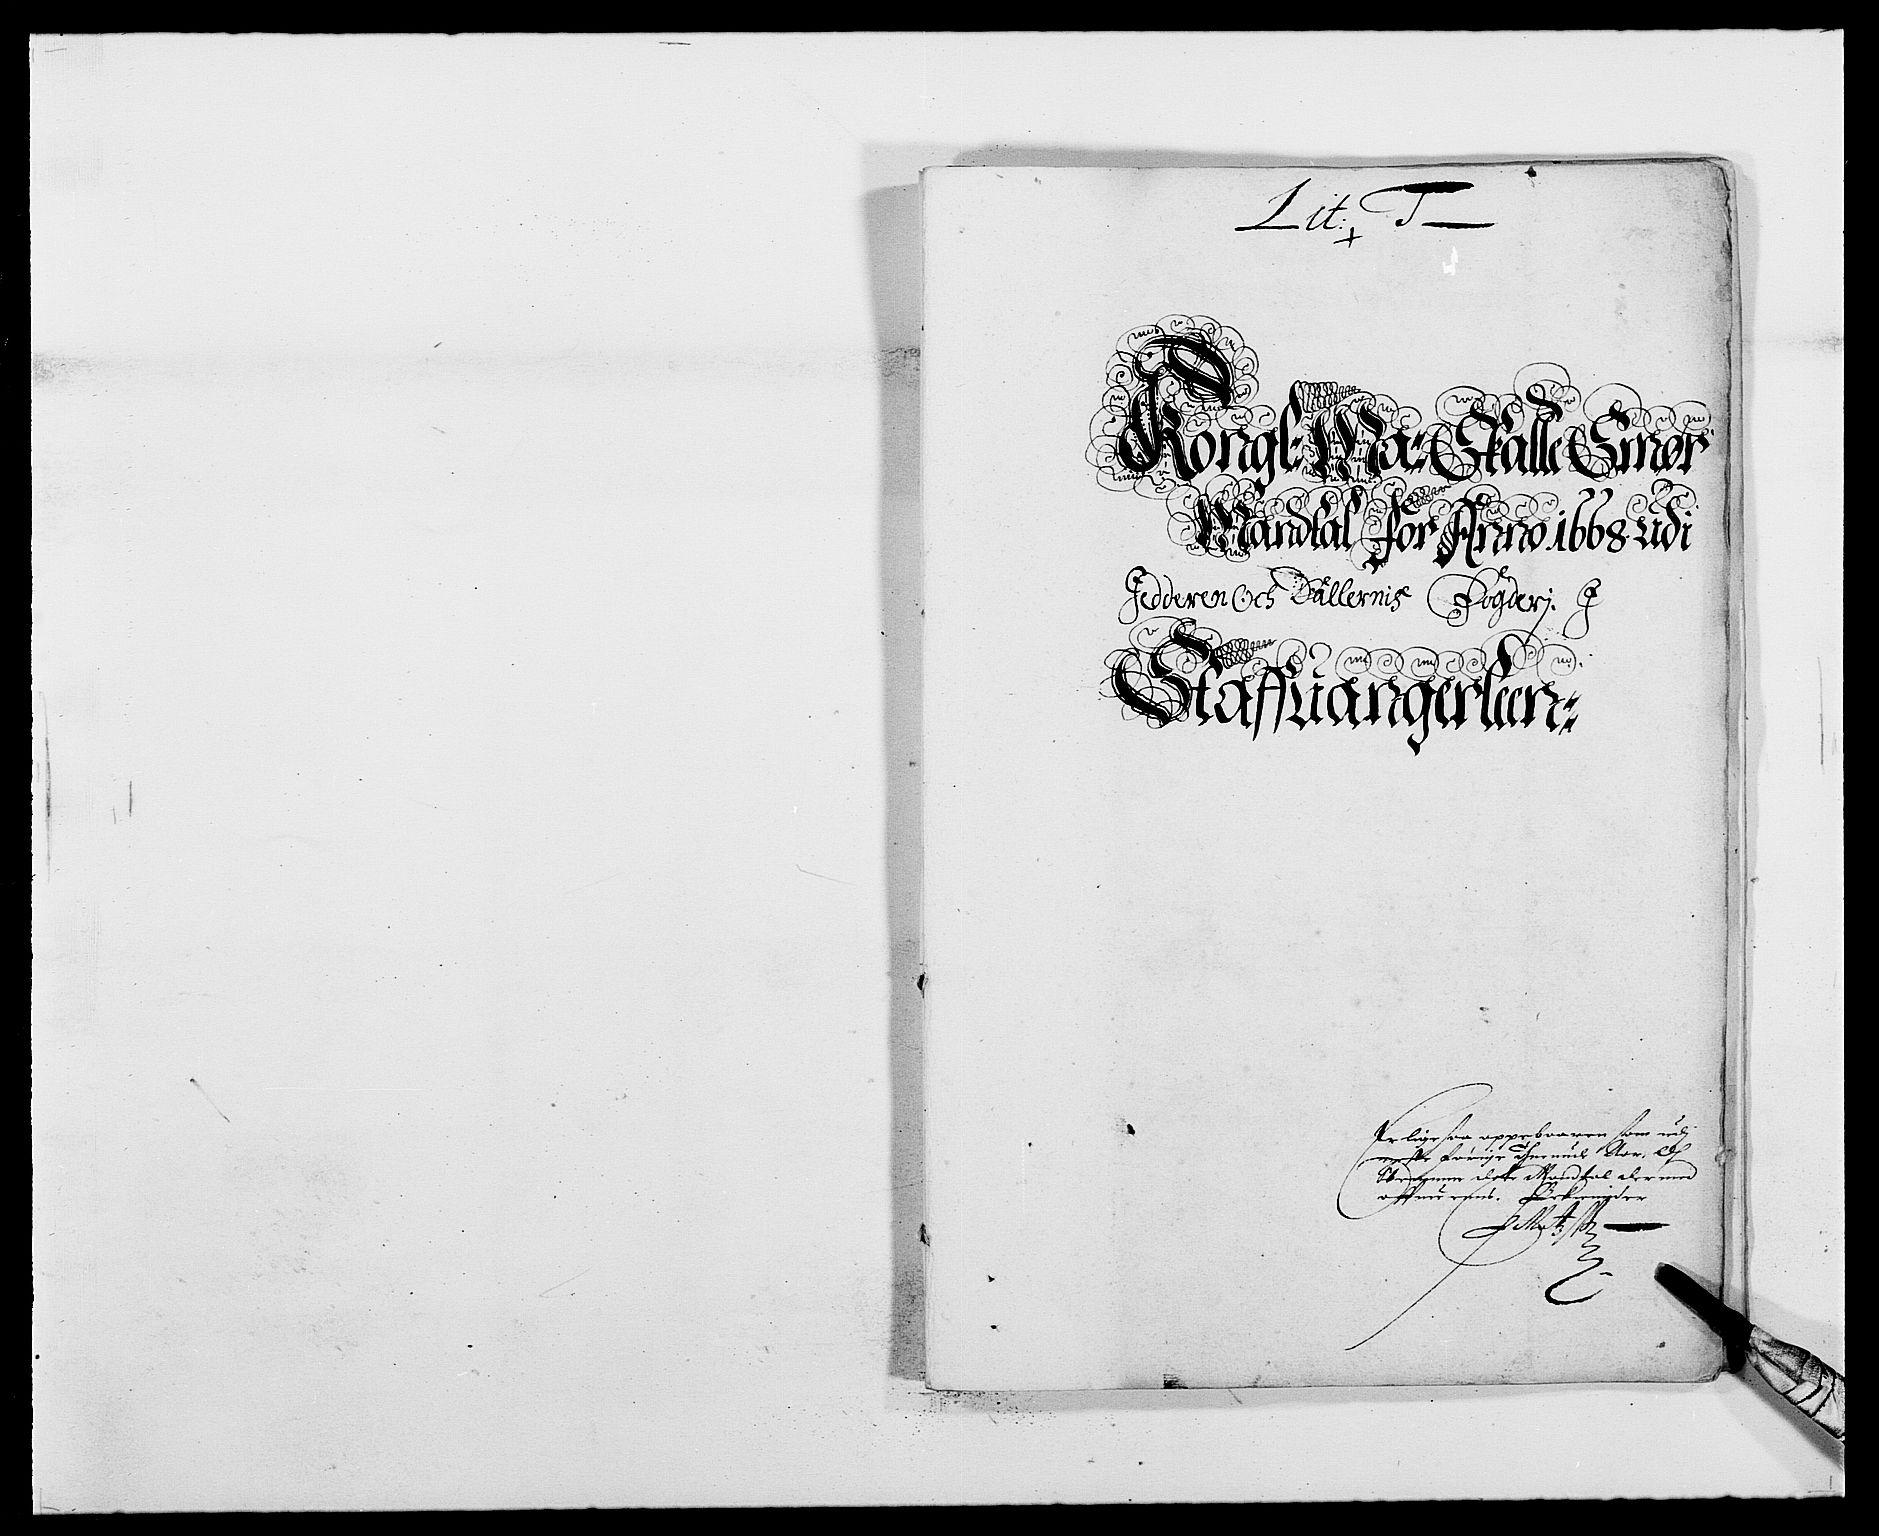 RA, Rentekammeret inntil 1814, Reviderte regnskaper, Fogderegnskap, R46/L2711: Fogderegnskap Jæren og Dalane, 1668-1670, s. 392